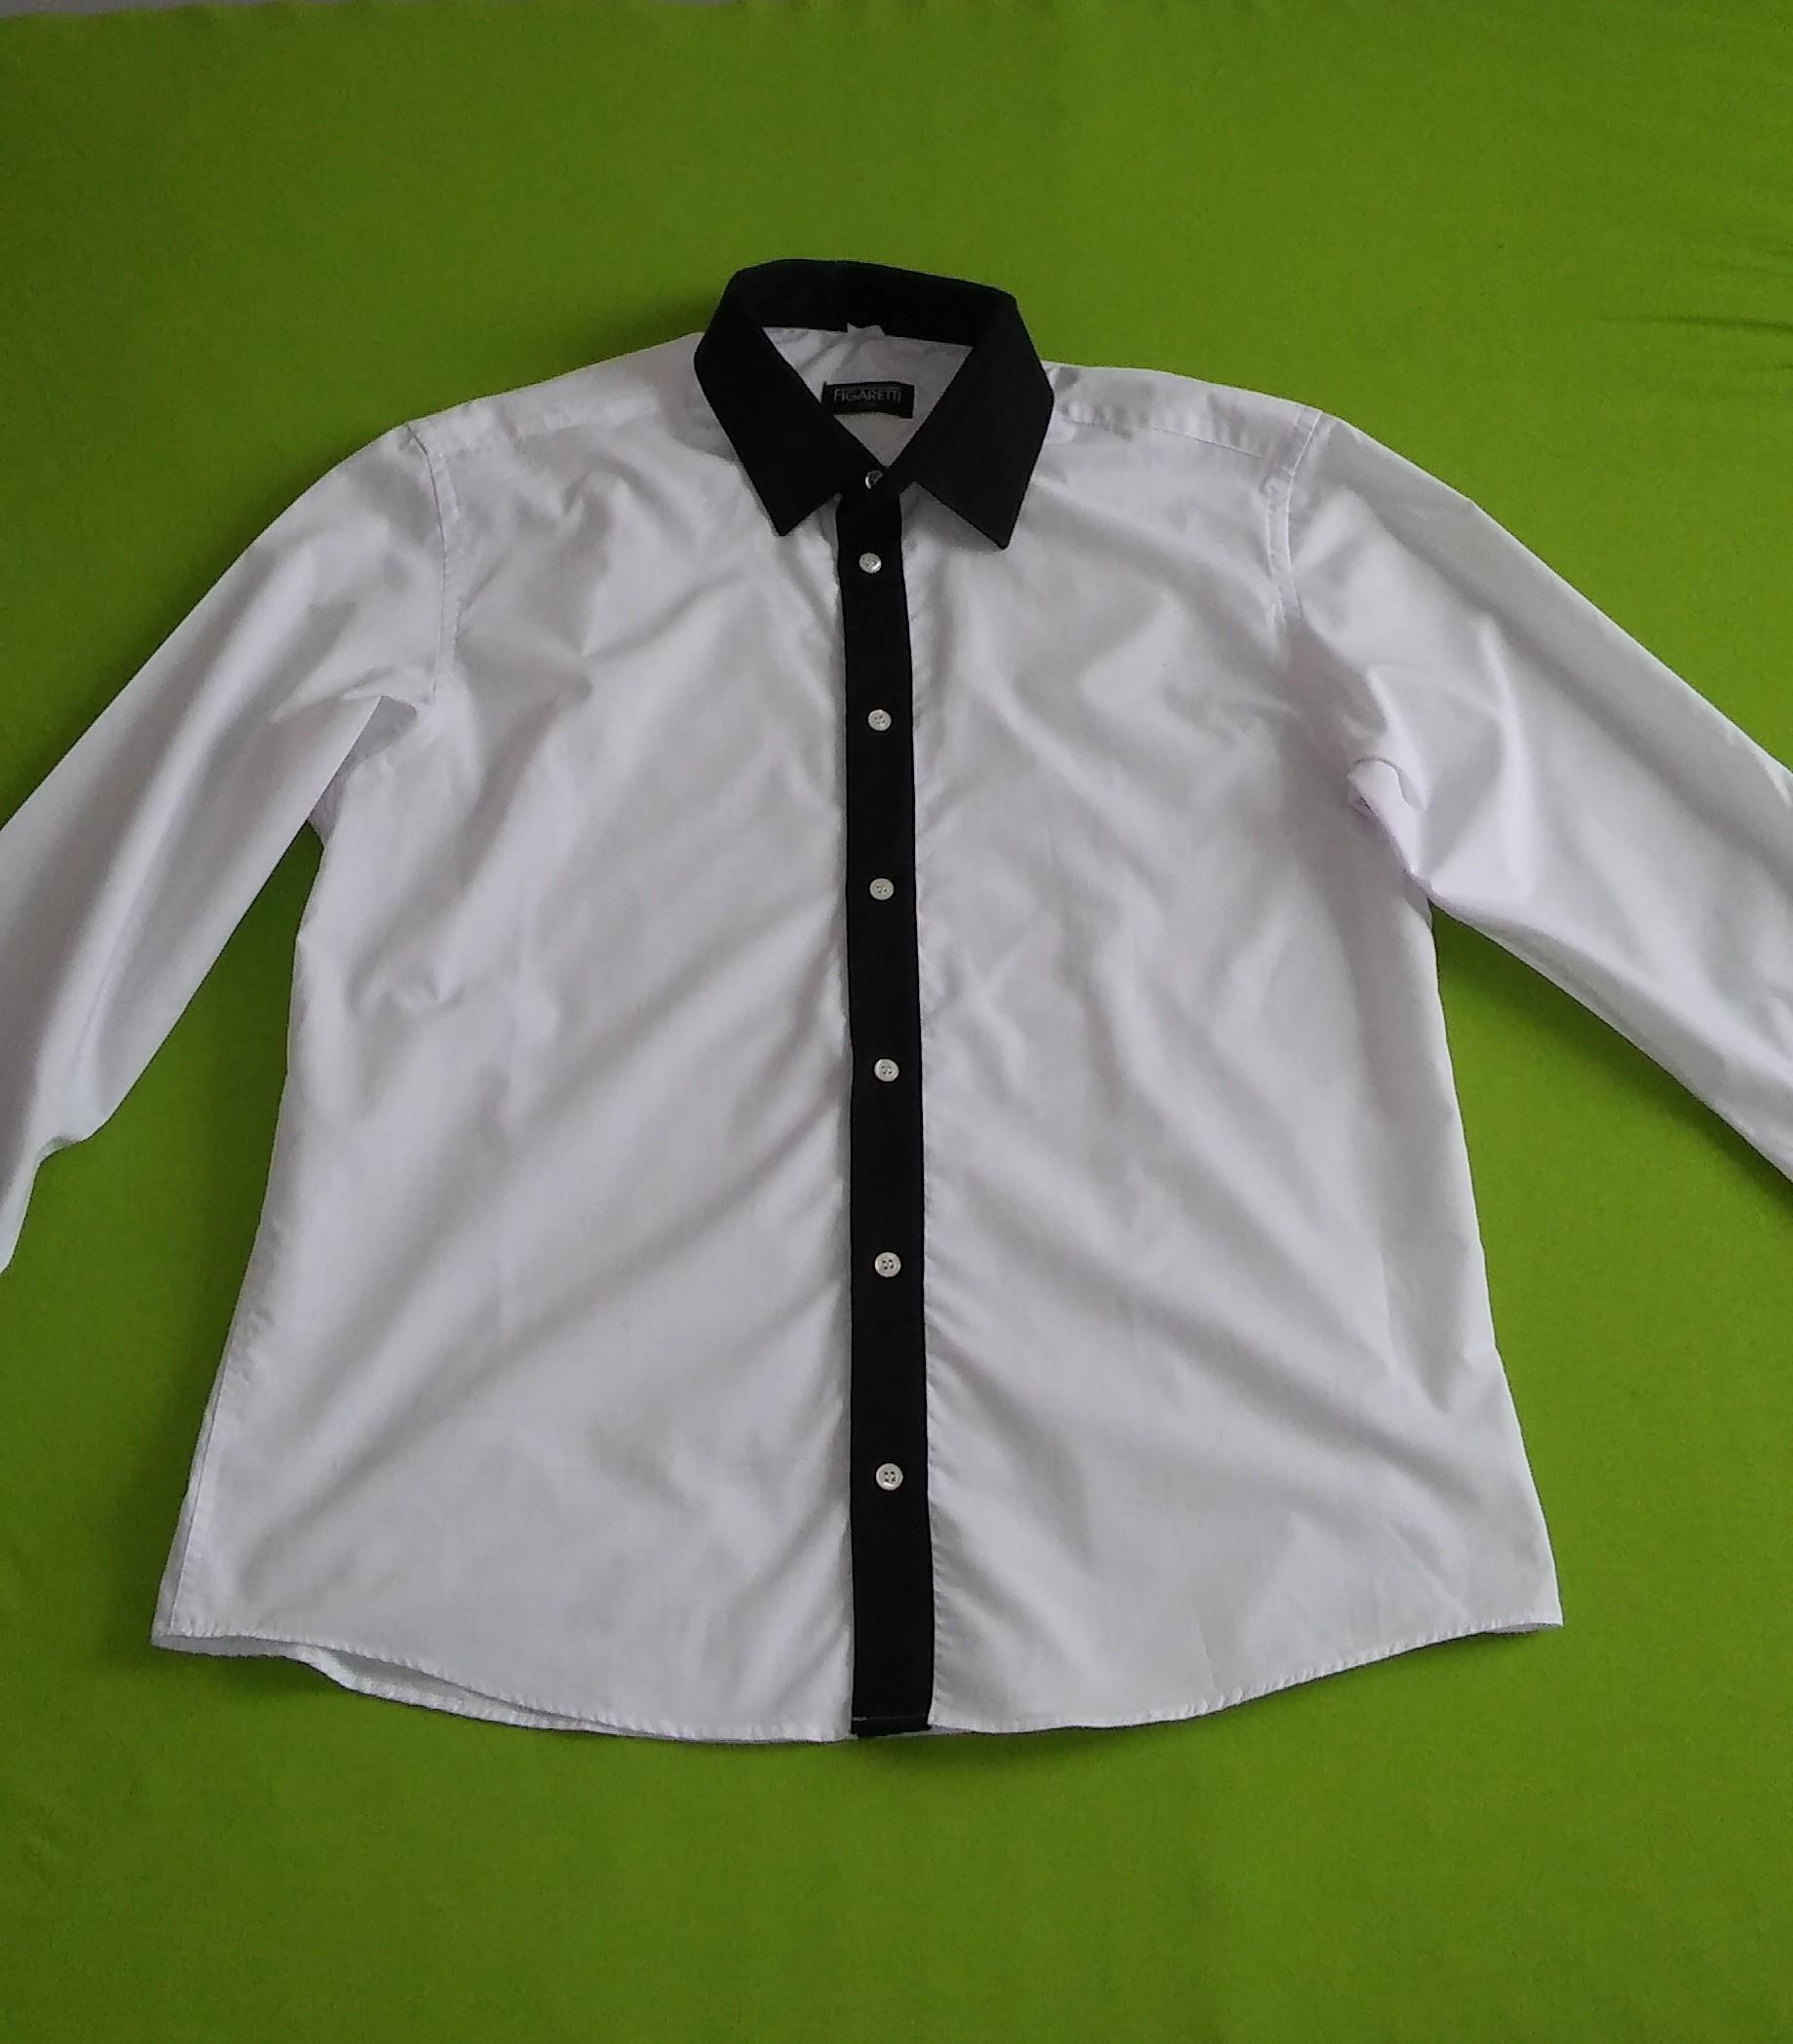 2d83f37c0b25e Koszula męska Figaretti elegancka XL 176/182 - 7350333245 ...